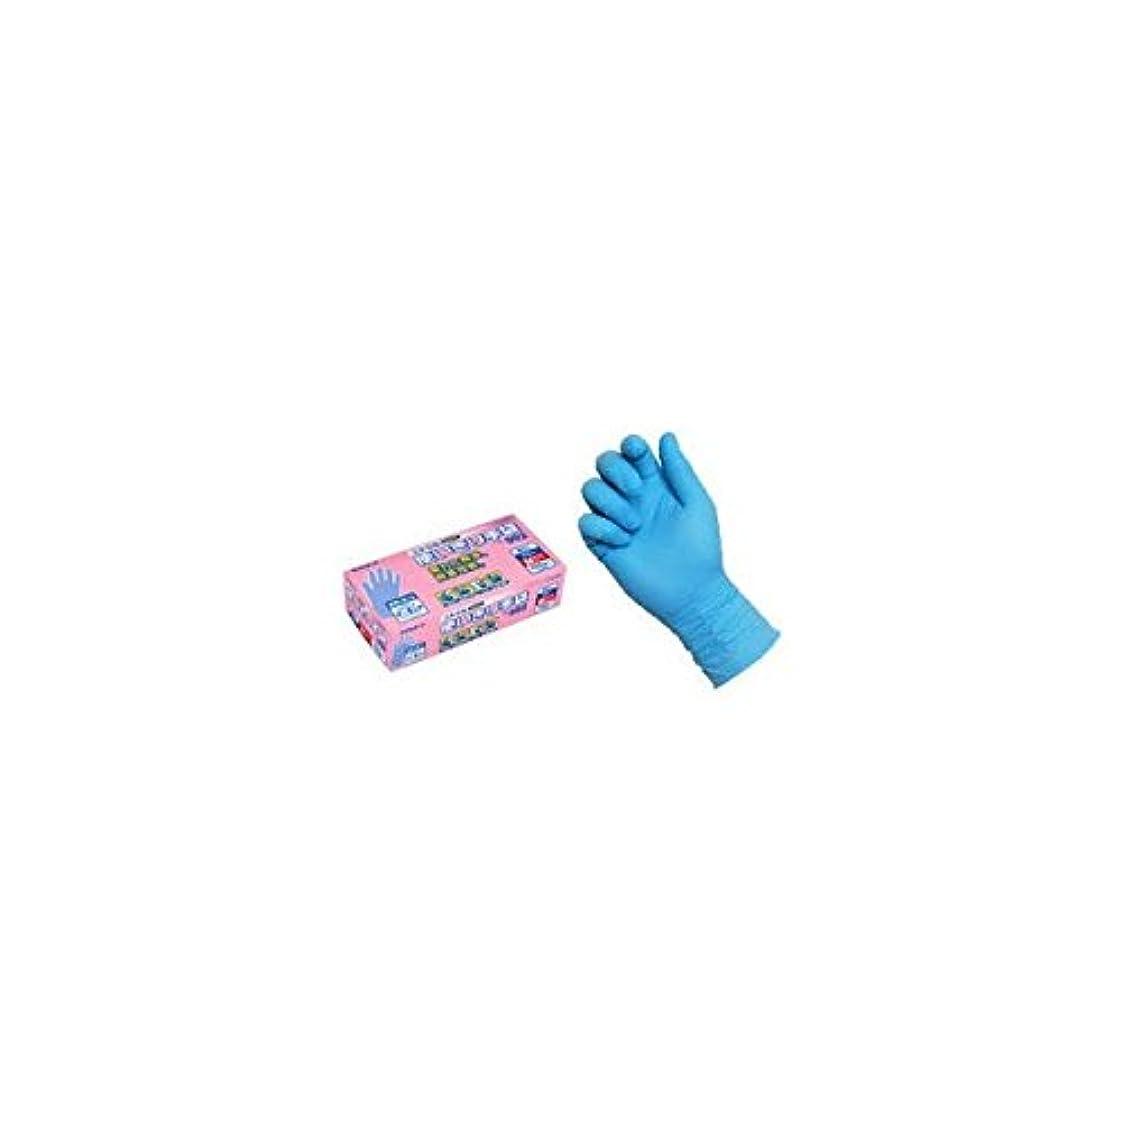 フェードアウト痛い不良品ニトリル使いきり手袋 PF NO.992 S ブルー エステー 【商品CD】ST4762